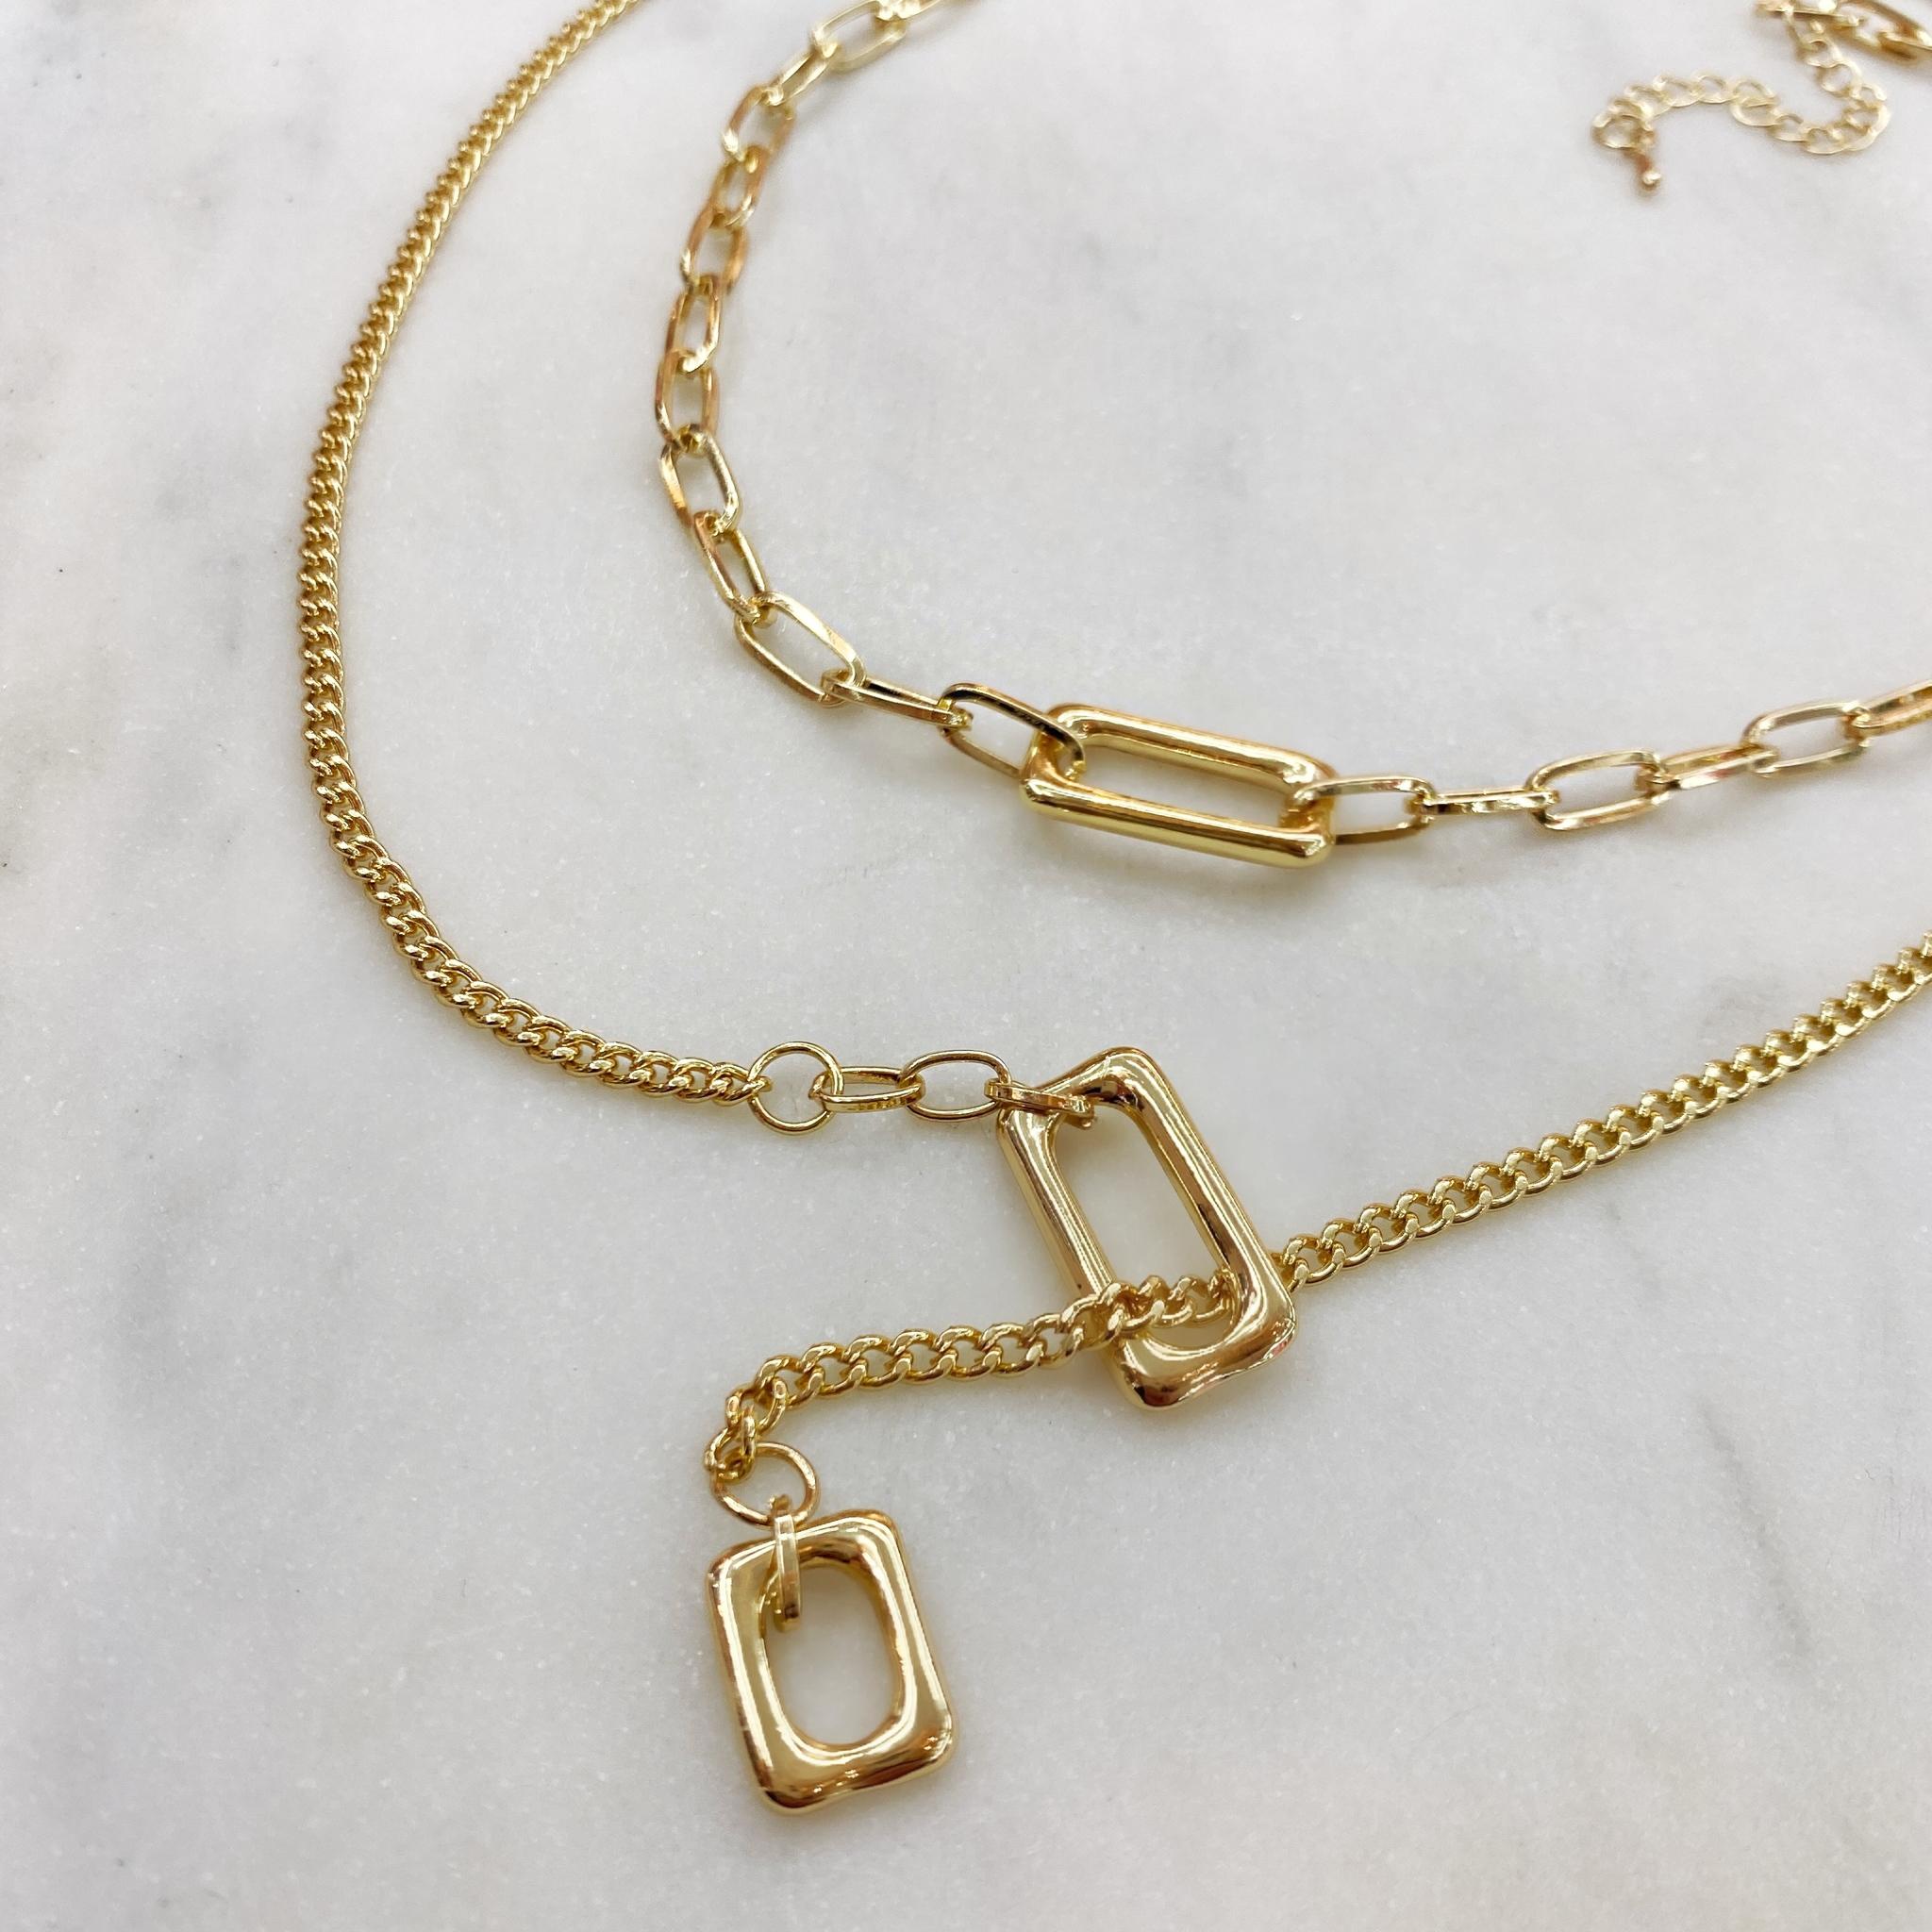 2-в-1 цепи с прямоугольными подвесками (золотистый)